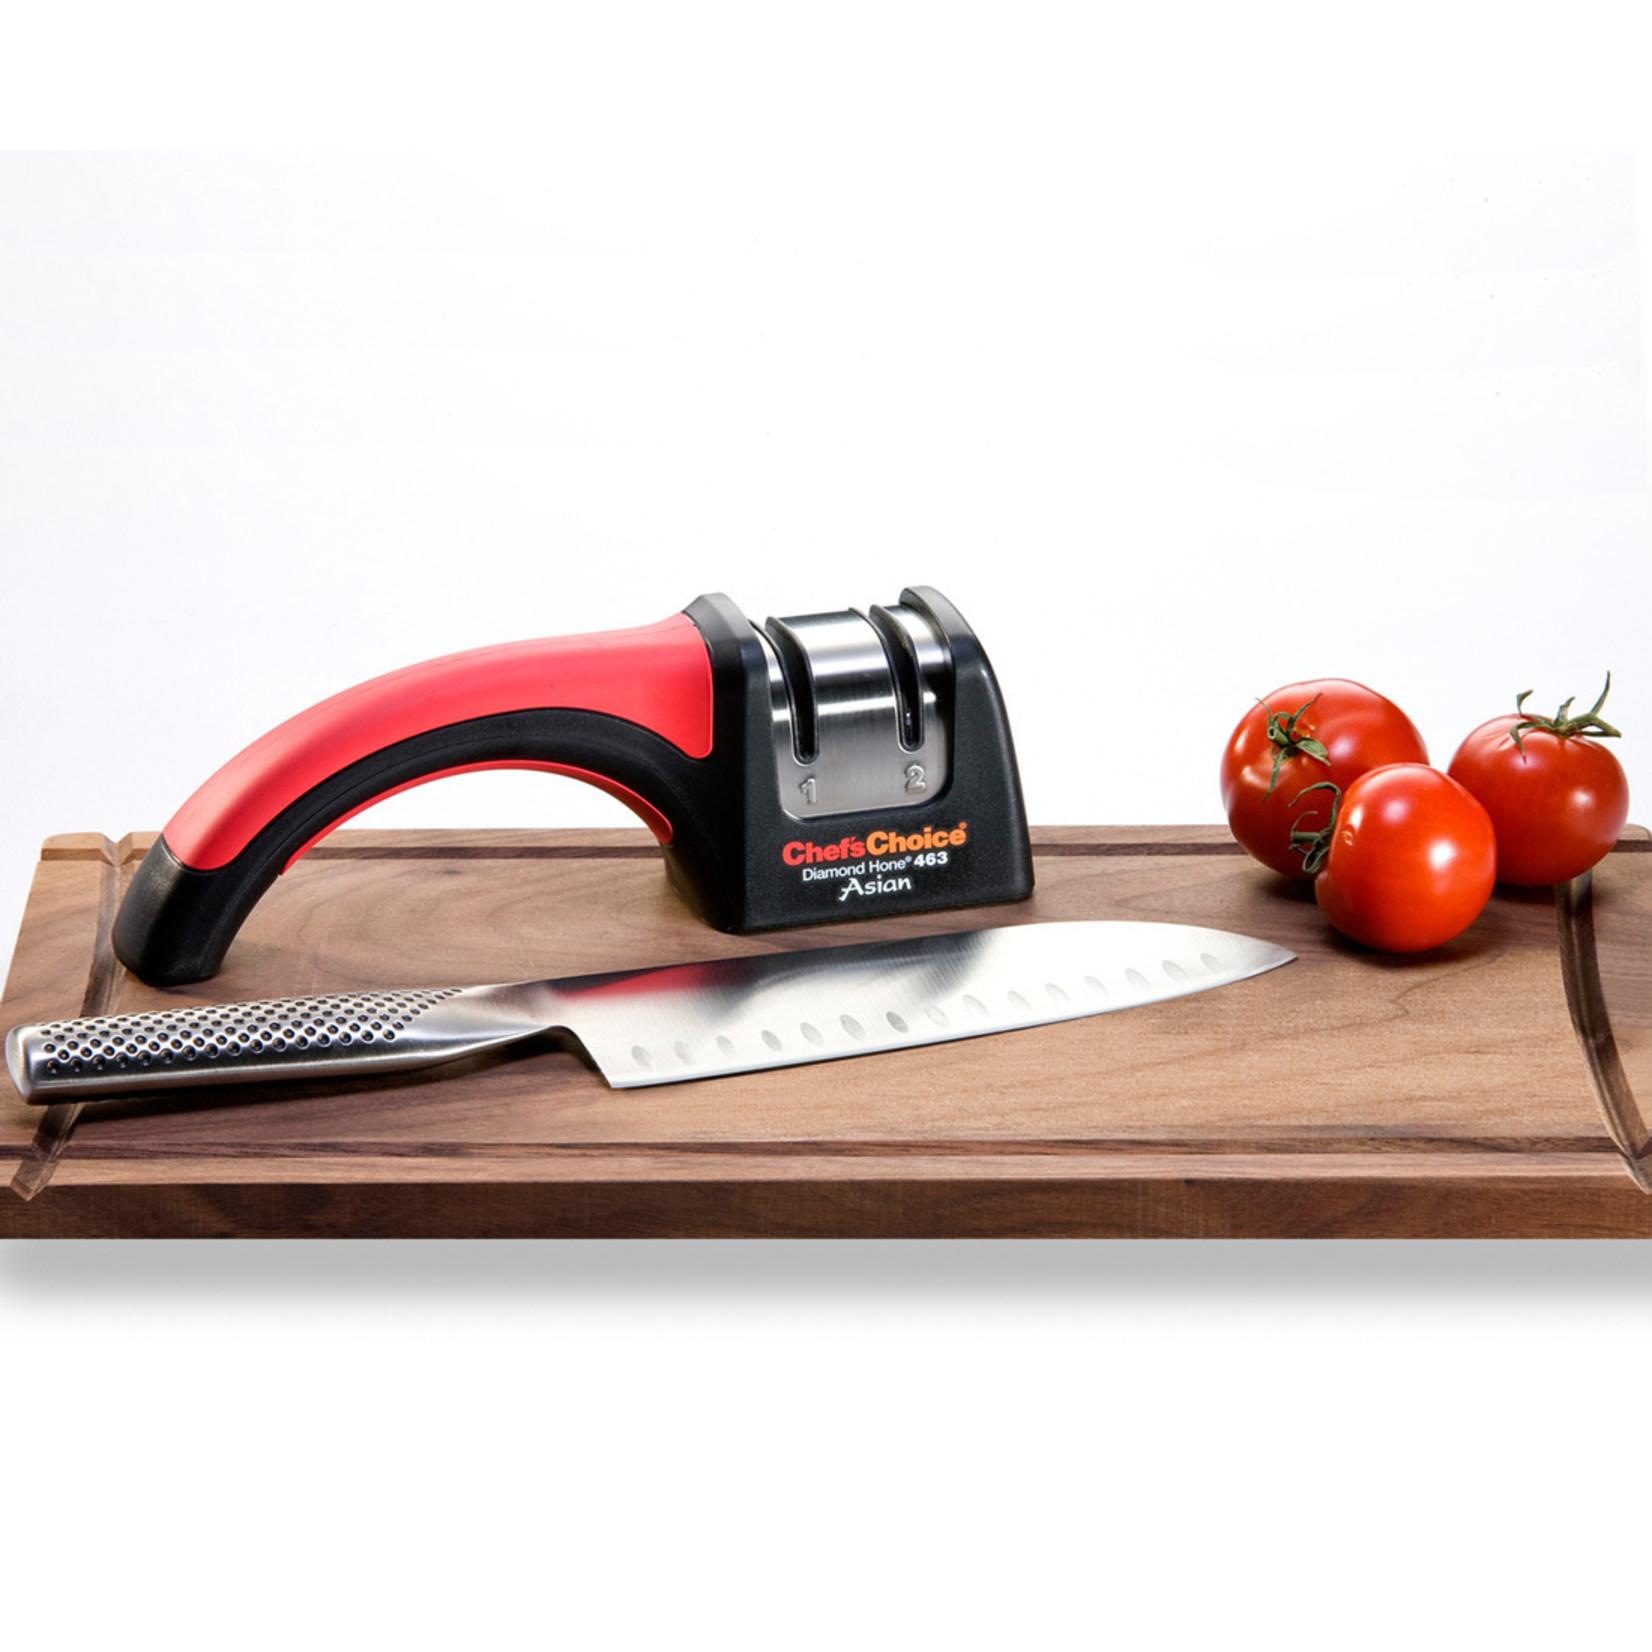 ChefsChoice Chef's Choice messenslijper 463